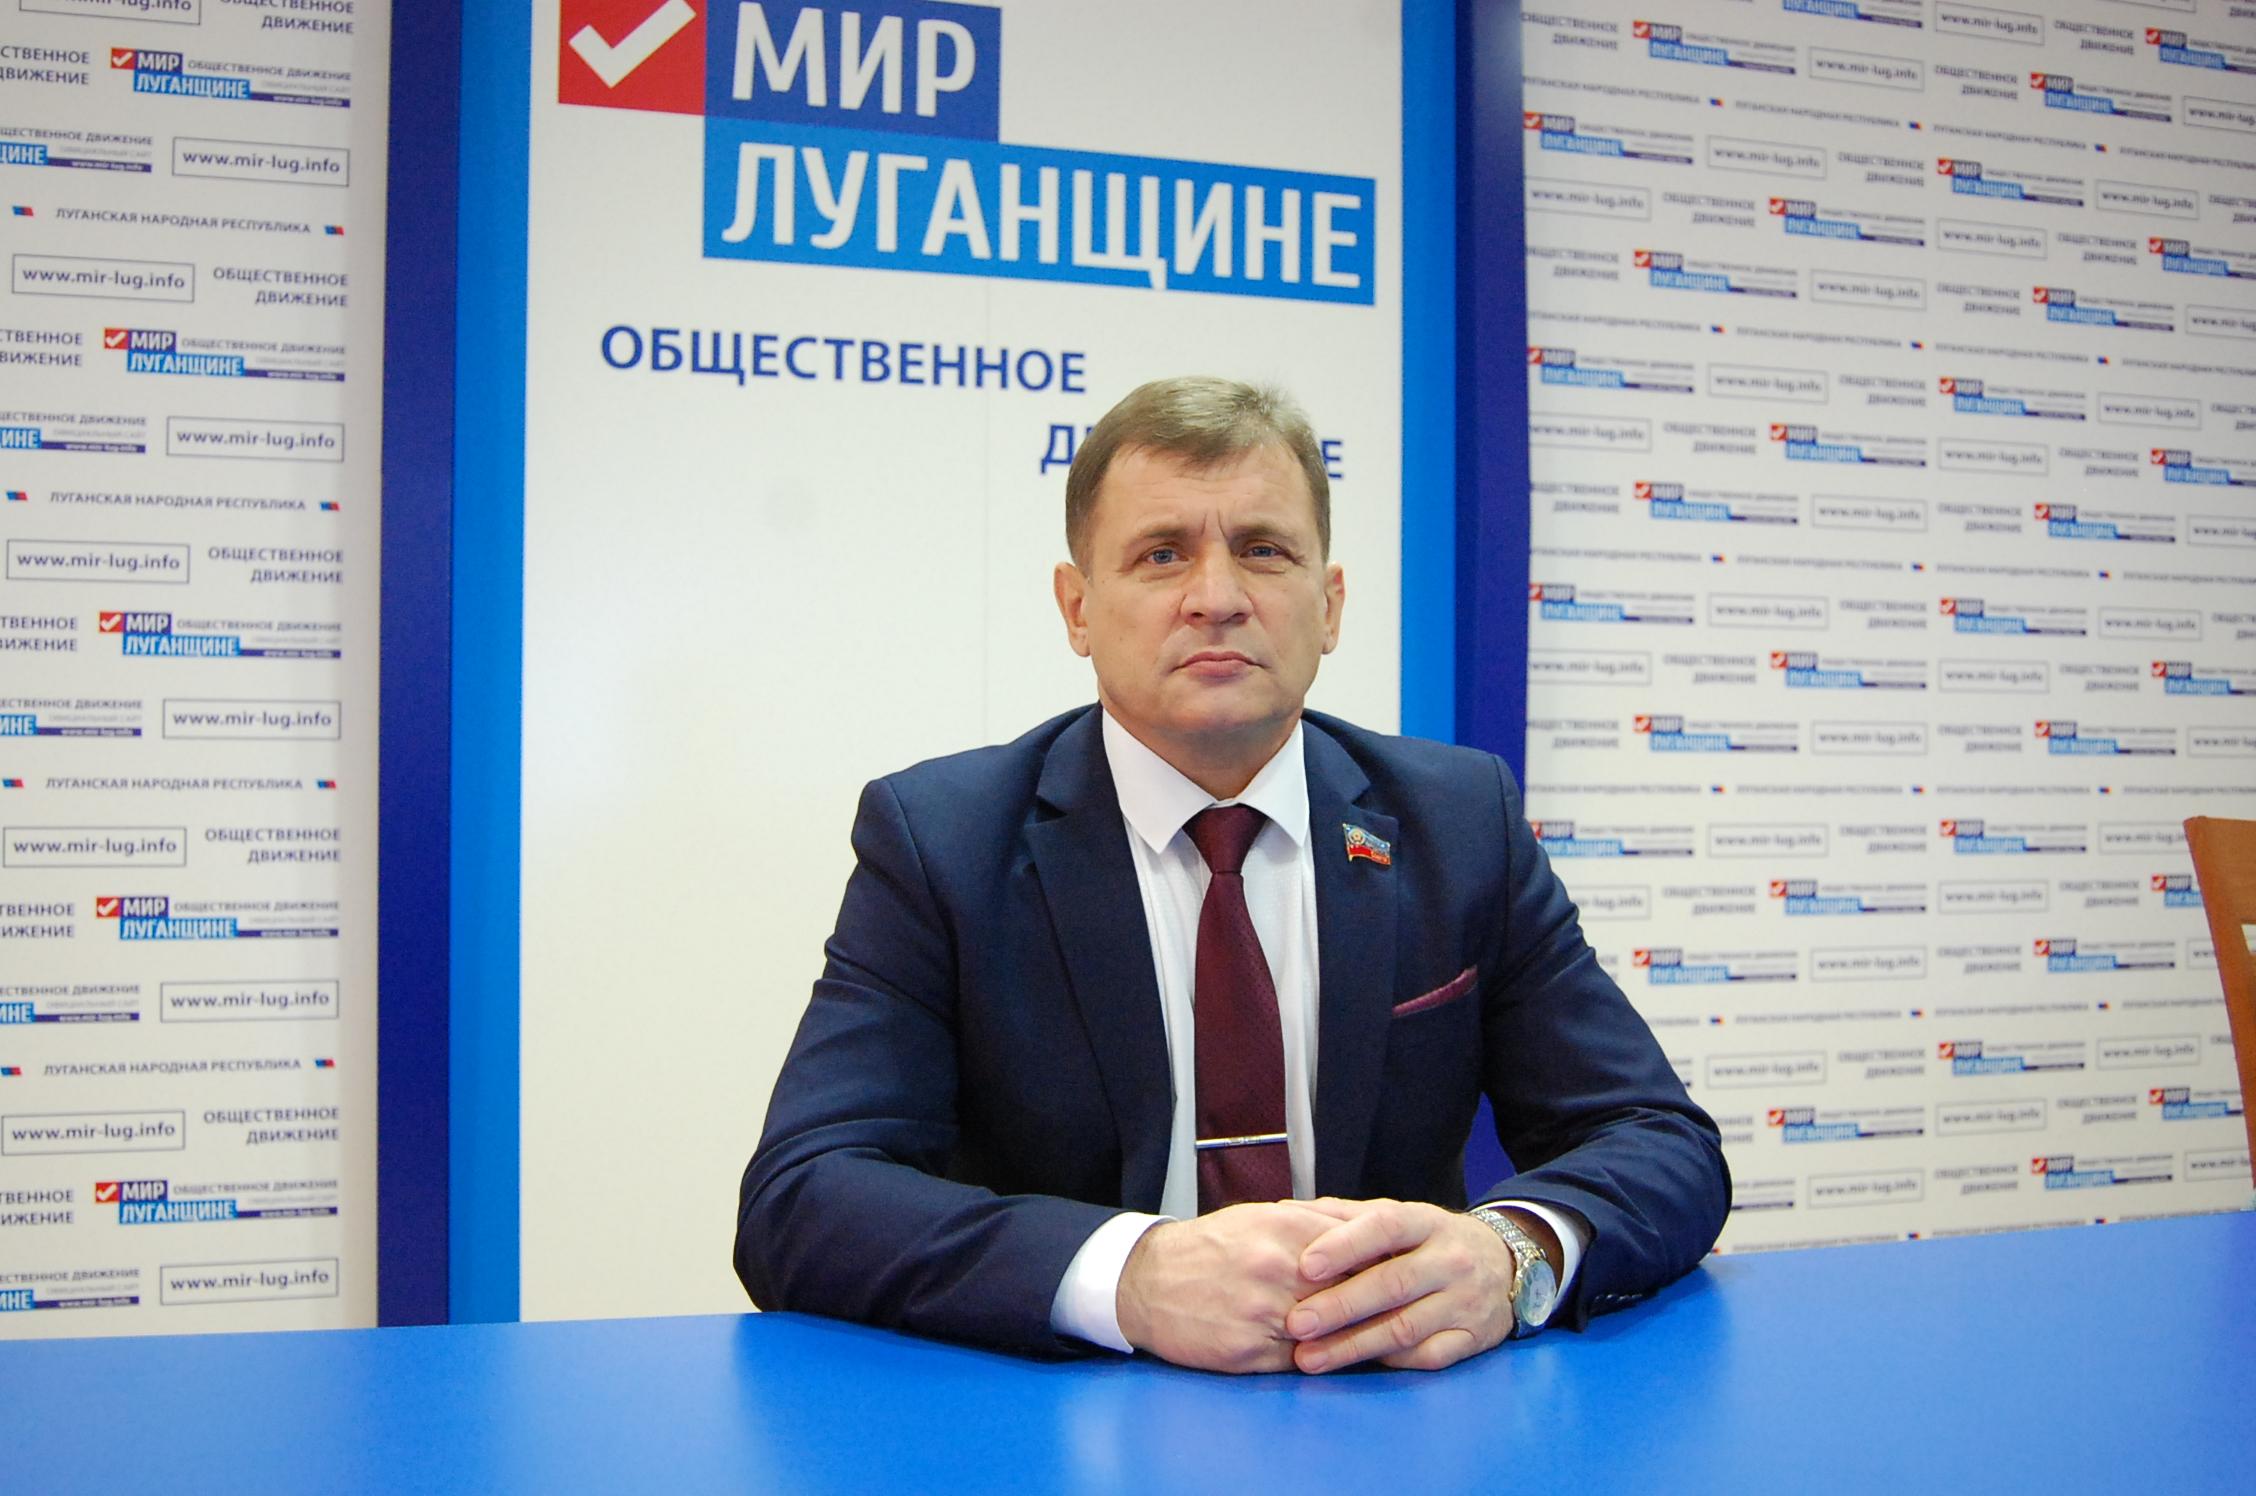 Возможно ли в республике восстановить утраченное свидетельство о рождении, выданное на территории Украины – вам отвечает депутат Роман Лысенко 1